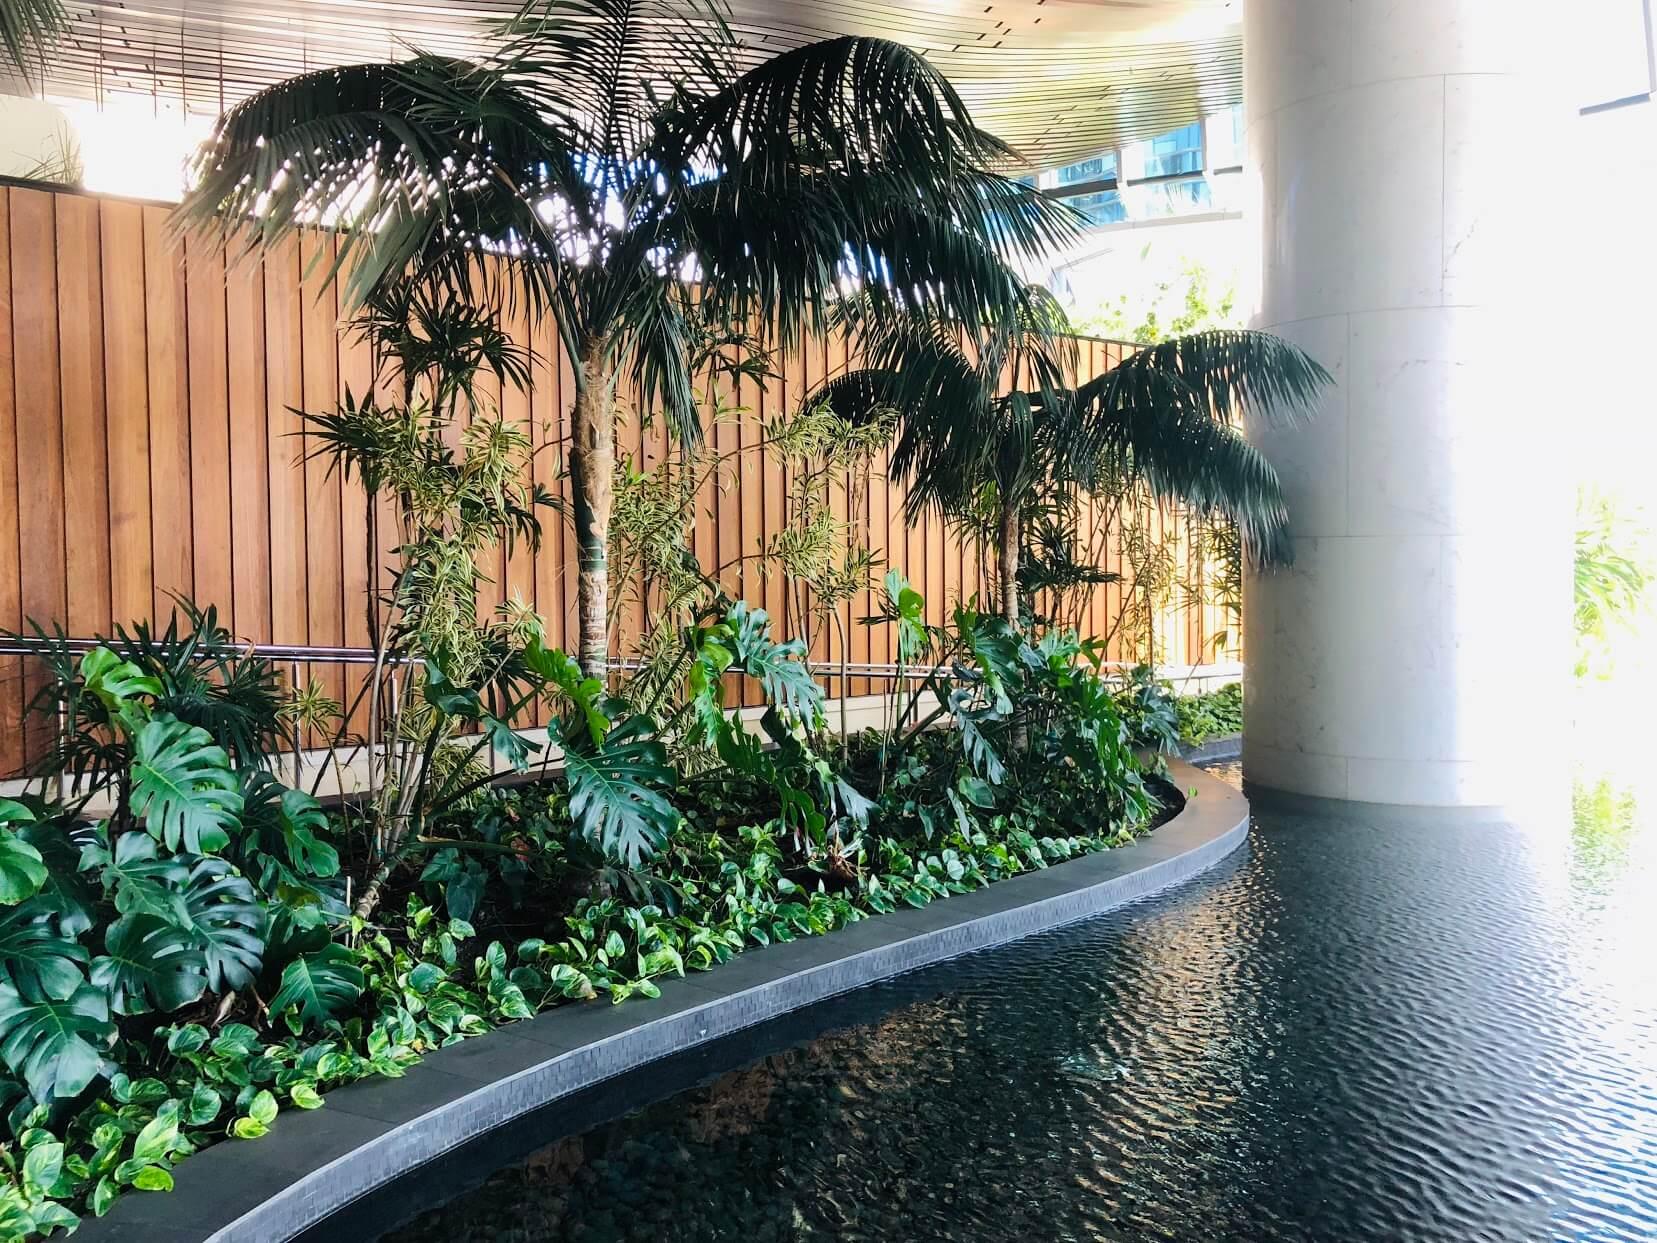 Waieaの池